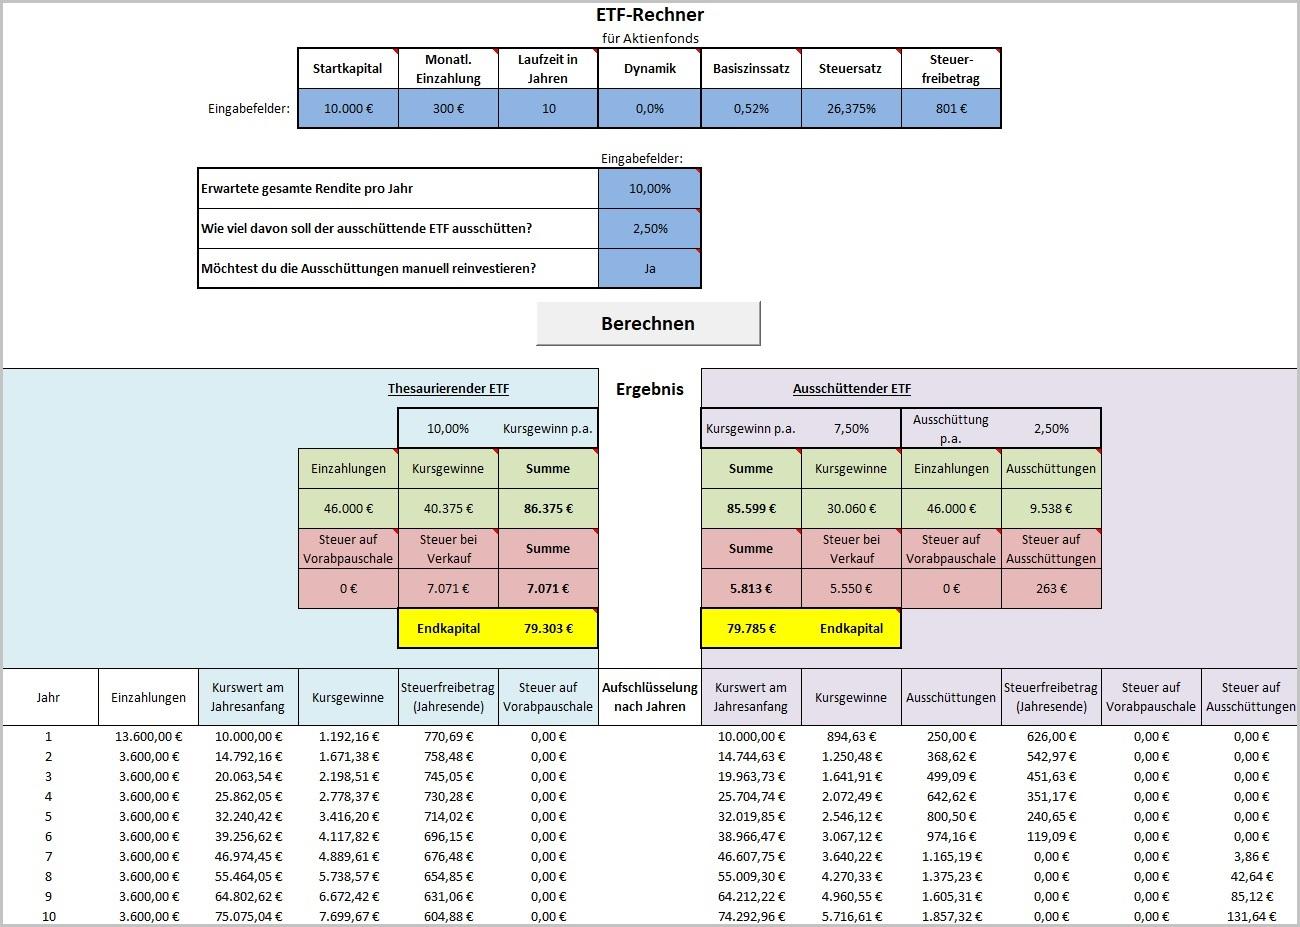 Berechnungsbeispiel ETF-Rechner, Sparplanrechner, Thesaurierend, Ausschüttend